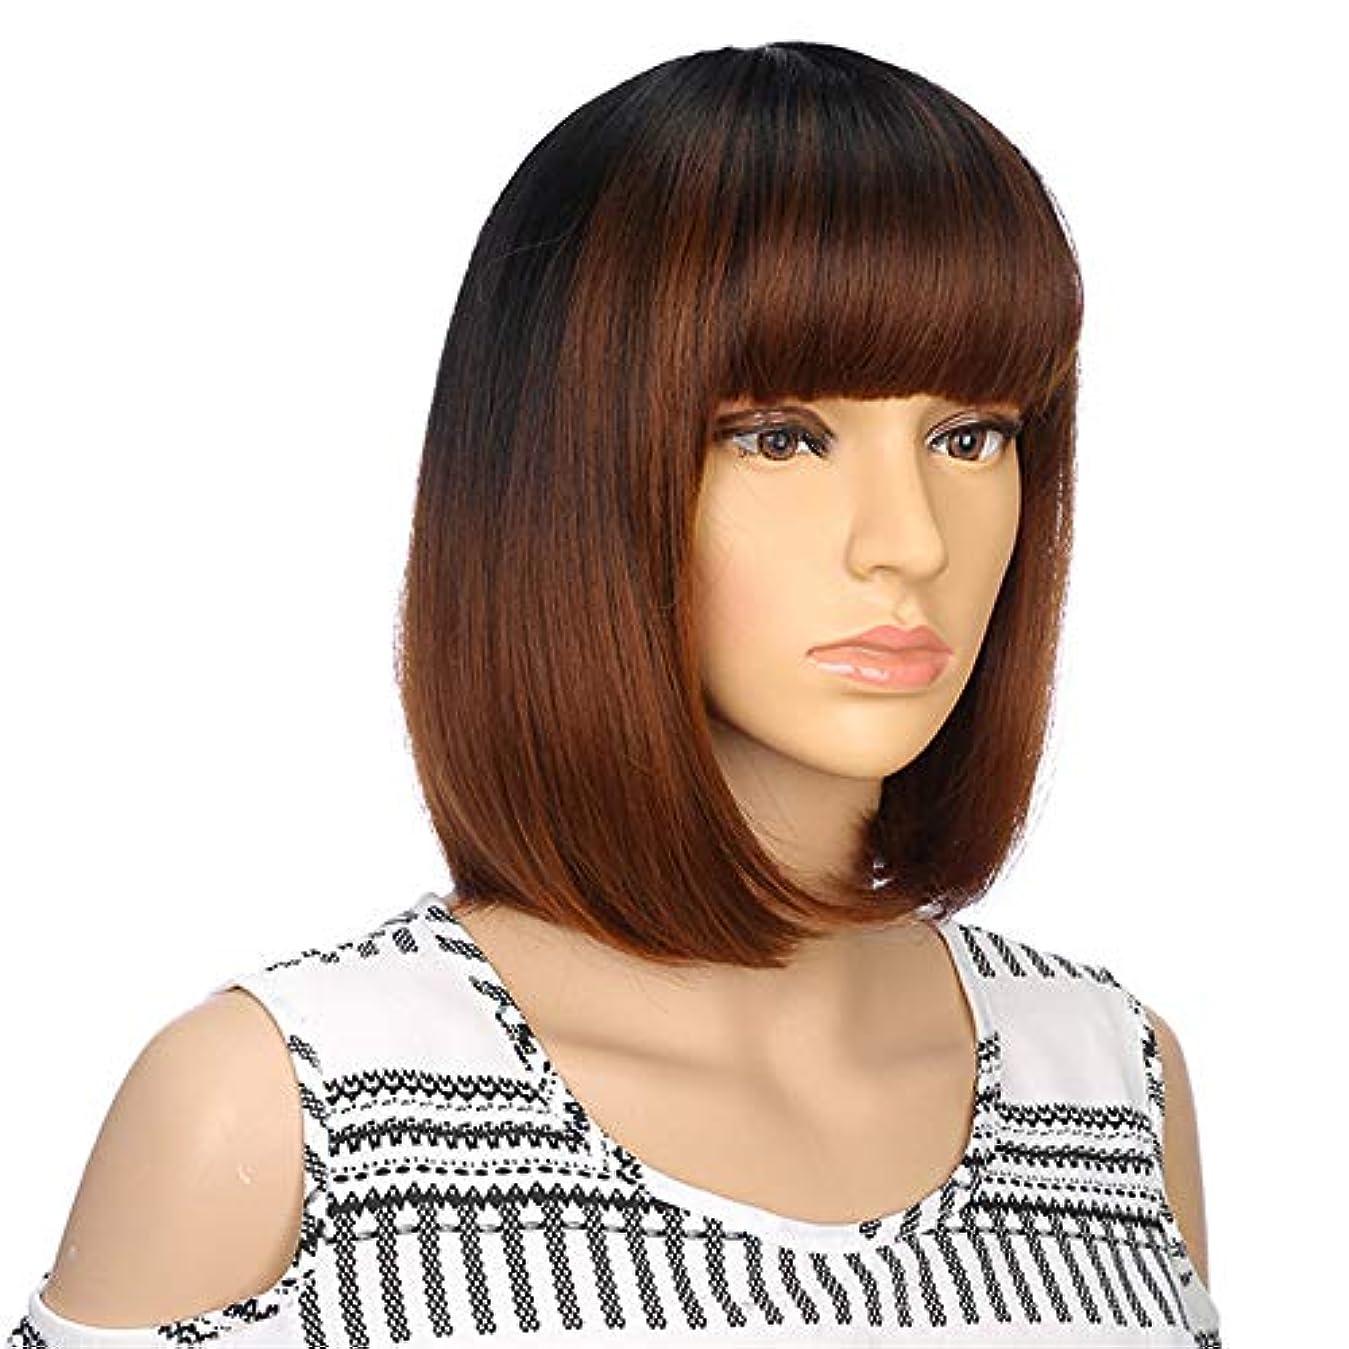 むしゃむしゃ元のボットヘアエクステンション合成ブラウンストレートウィッグ女性用前髪長ボブヘアウィッグ耐熱ヘアスタイルコスプレウィッグ13インチ